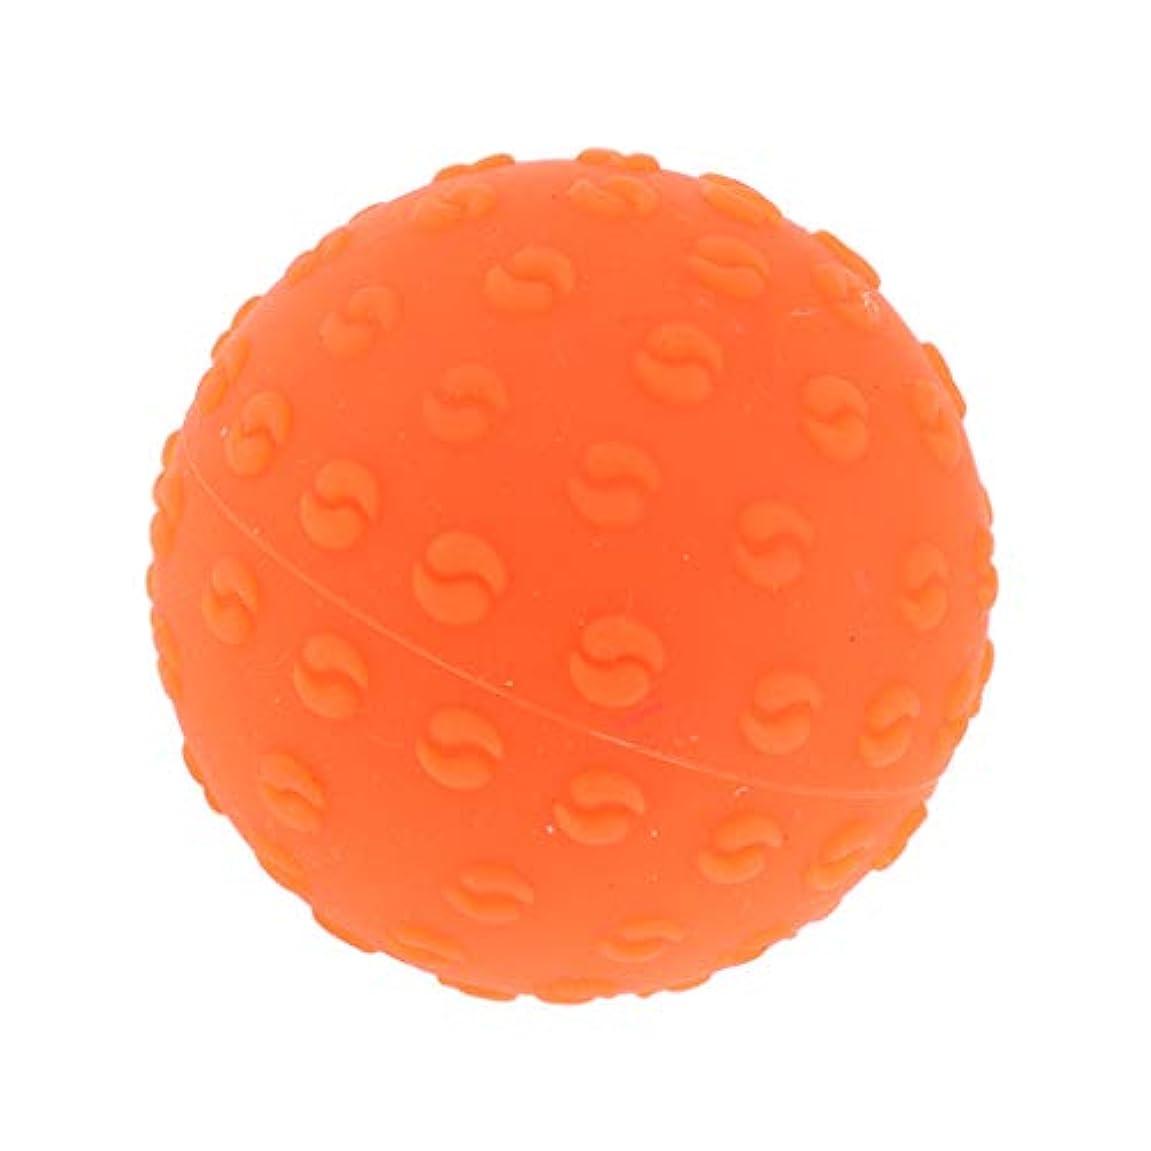 走るドラゴンモスCUTICATE マッサージボール 指圧ボール シリコーン トリガーポイント 足底筋膜炎 ヨガ マッサージ器 全6色 - オレンジ, 説明のとおり